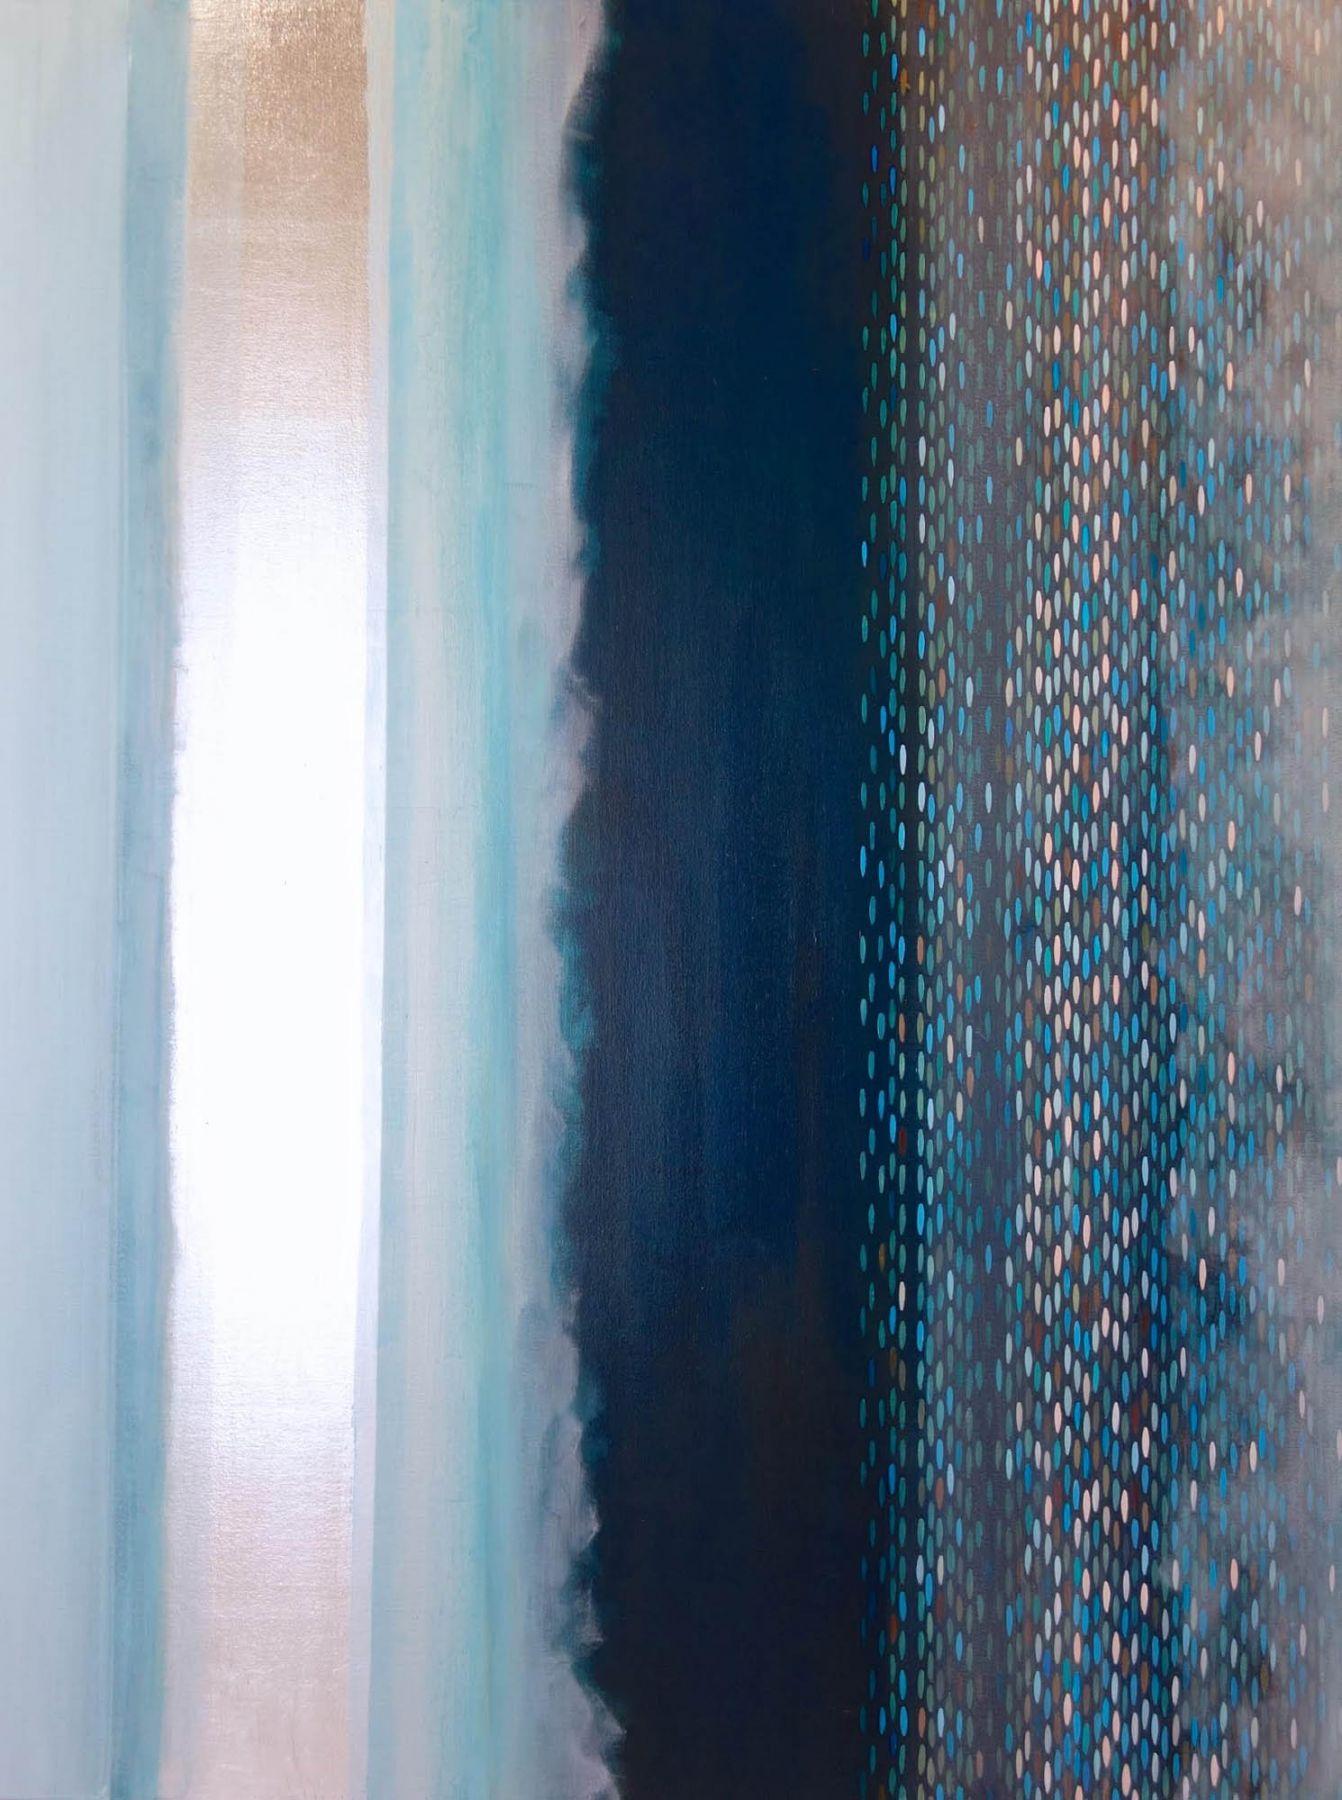 Julika Lackner, Spectral Phase VI, 2013